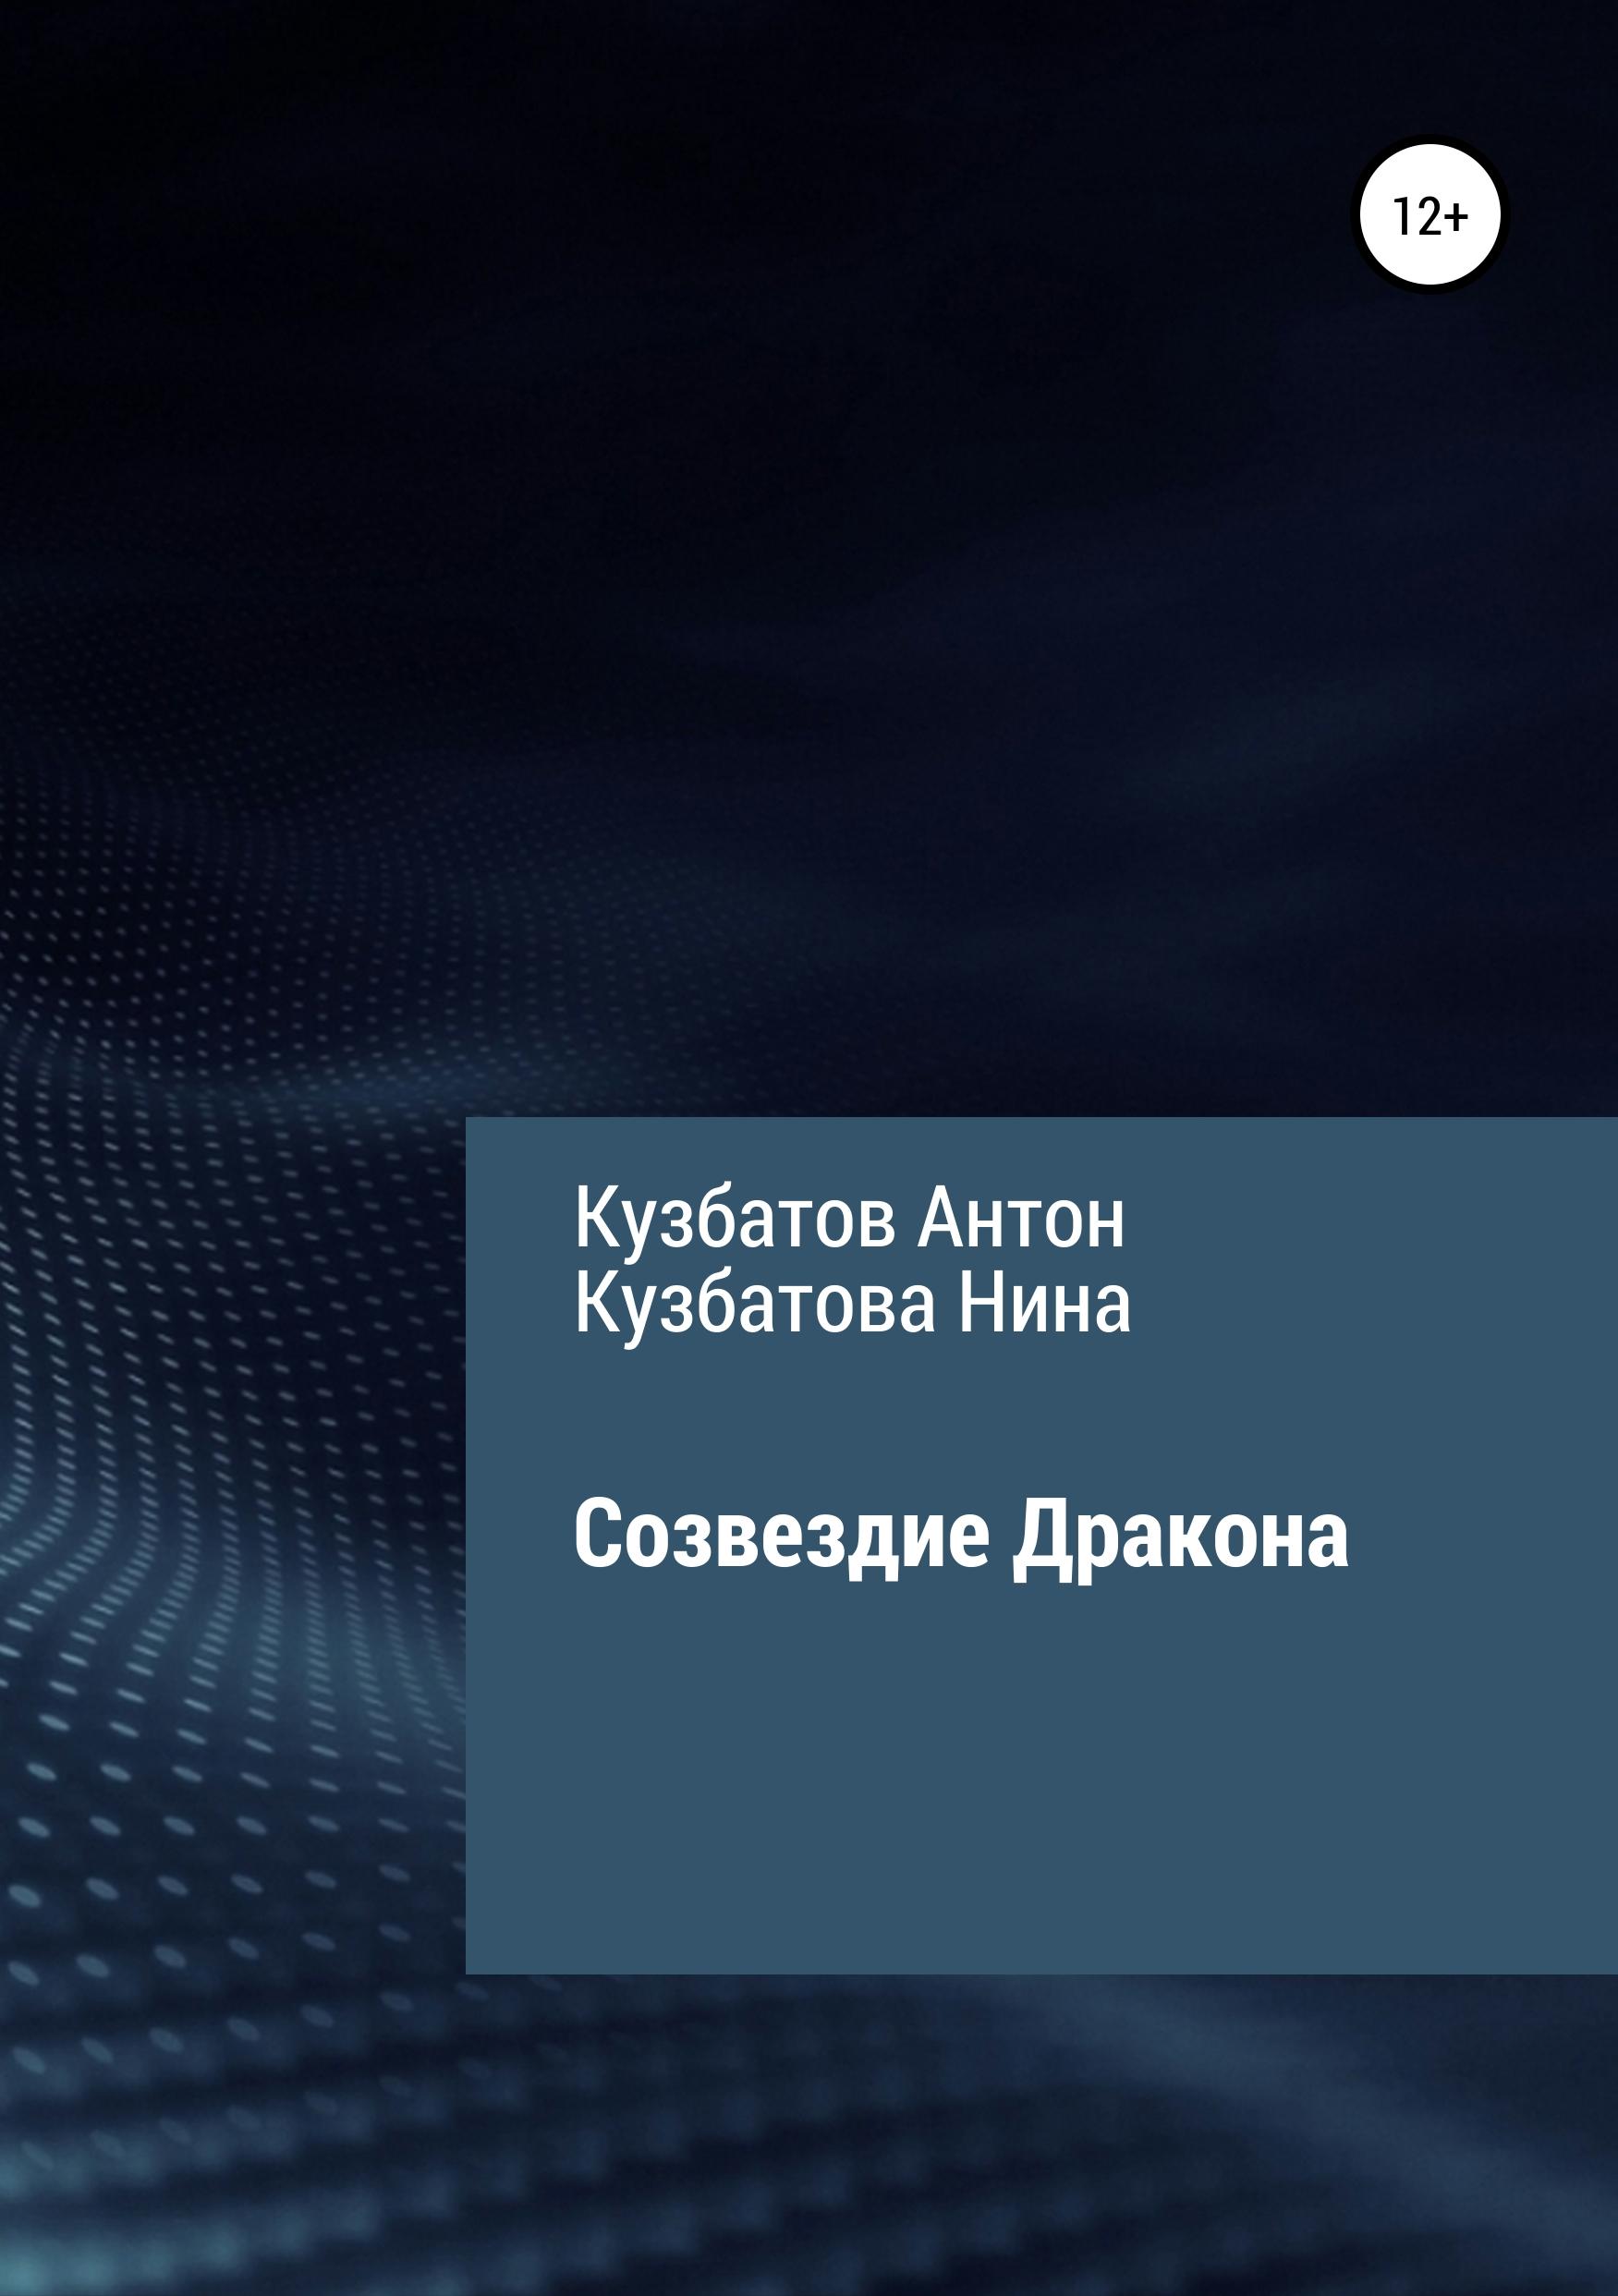 цена Антон Андреевич Кузбатов Созвездие Дракона